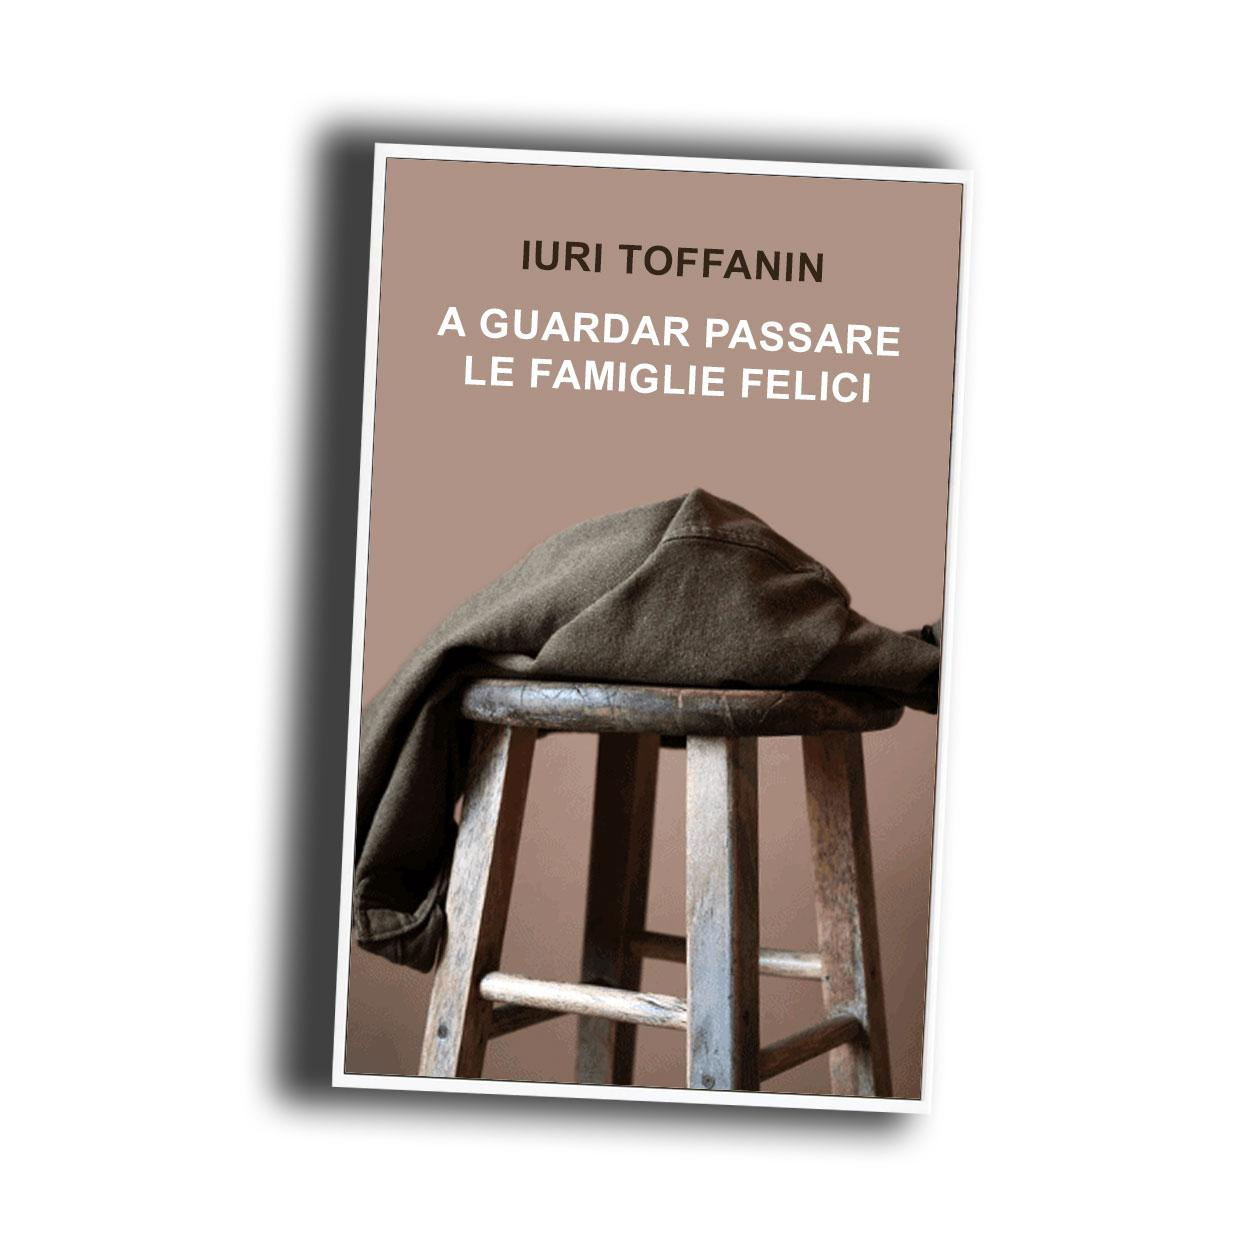 A guardar passare le famiglie felici, di Iuri Toffanin